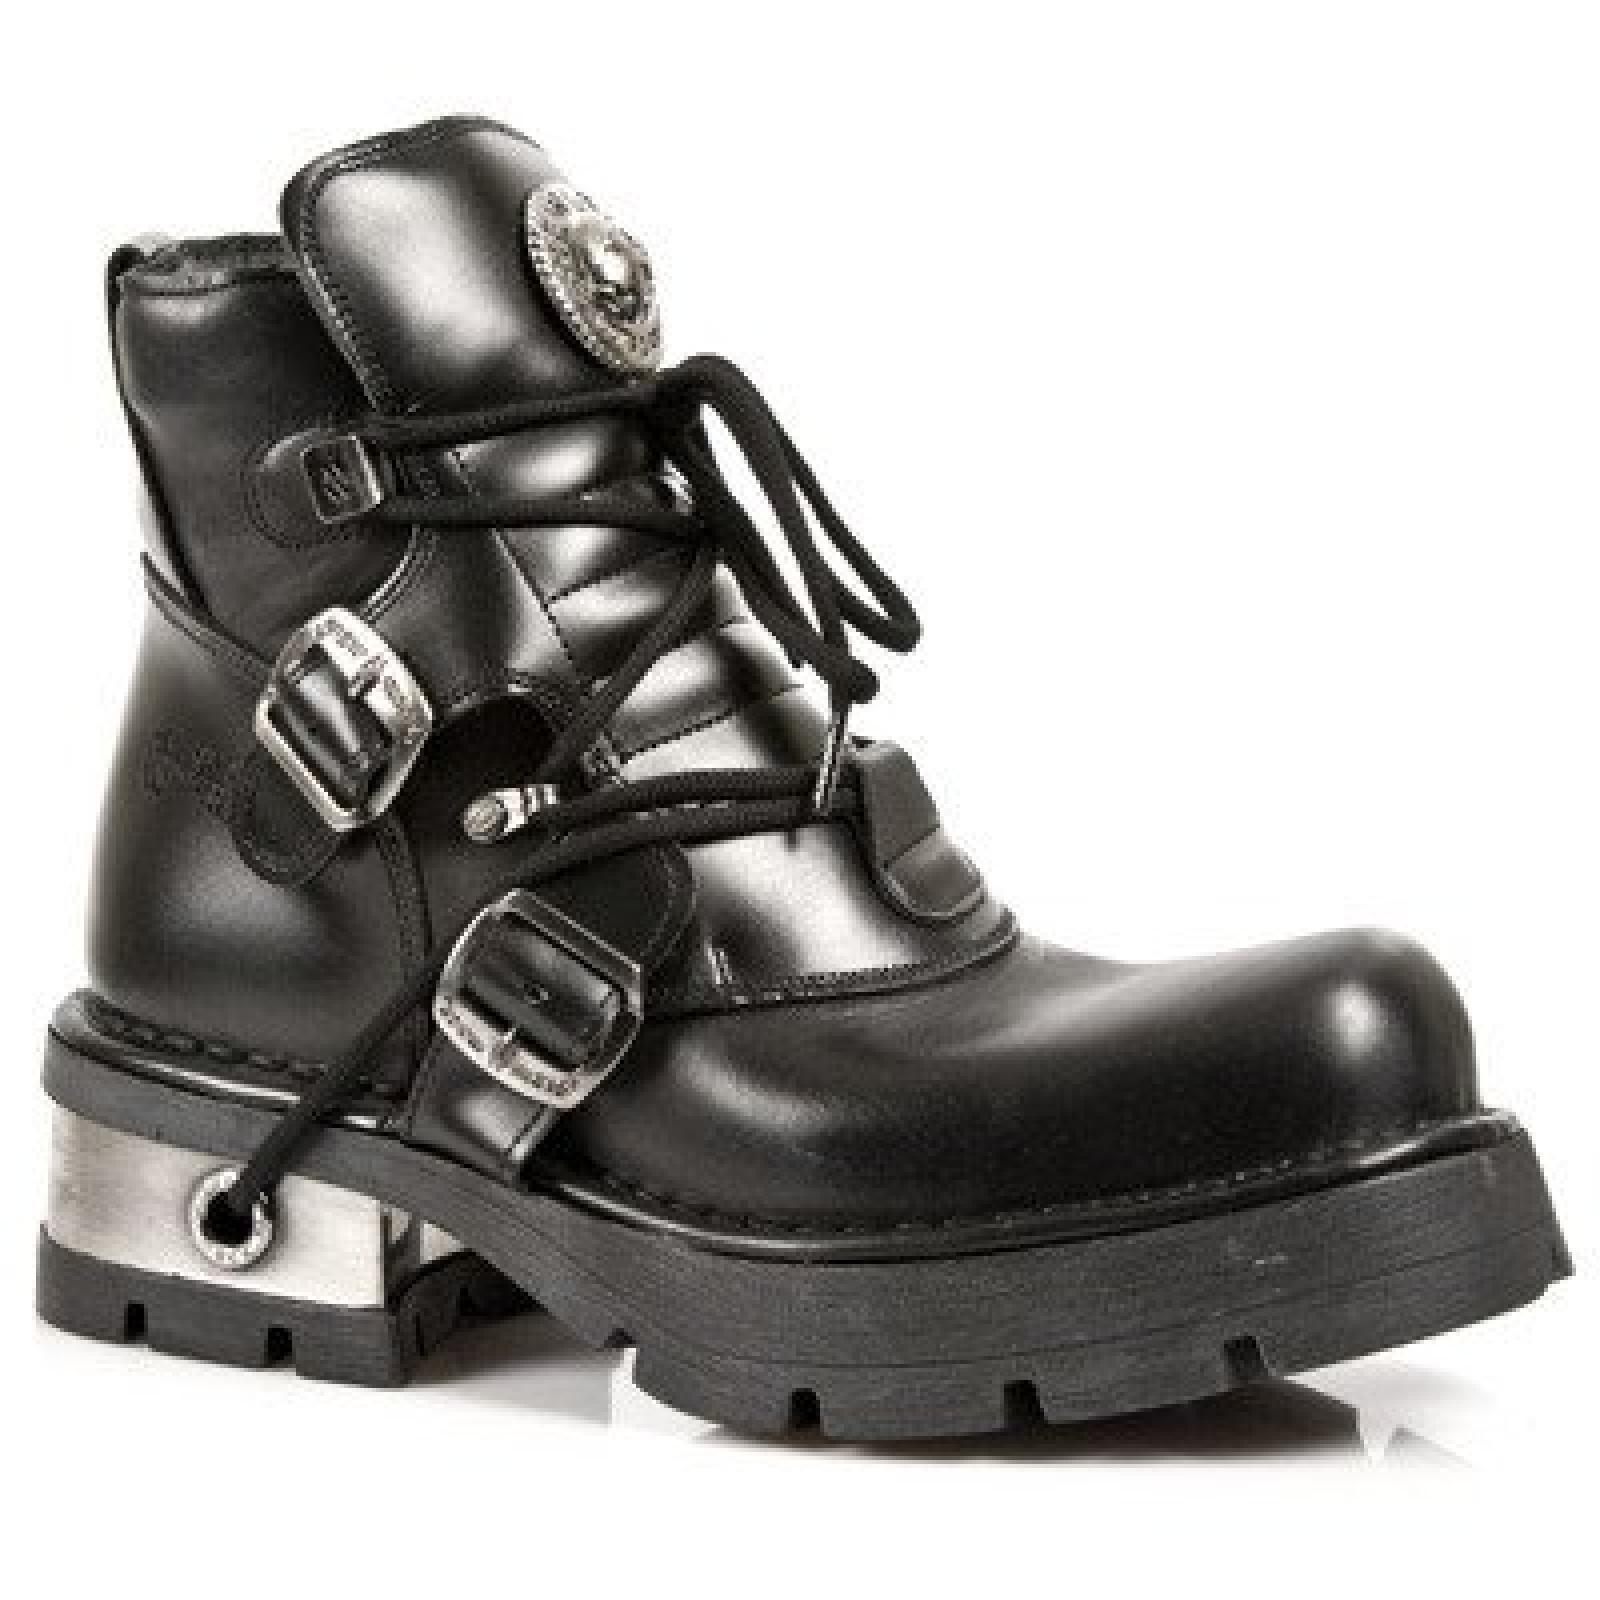 New Rock Schuhe - Itali Negro Zueco Plattformen